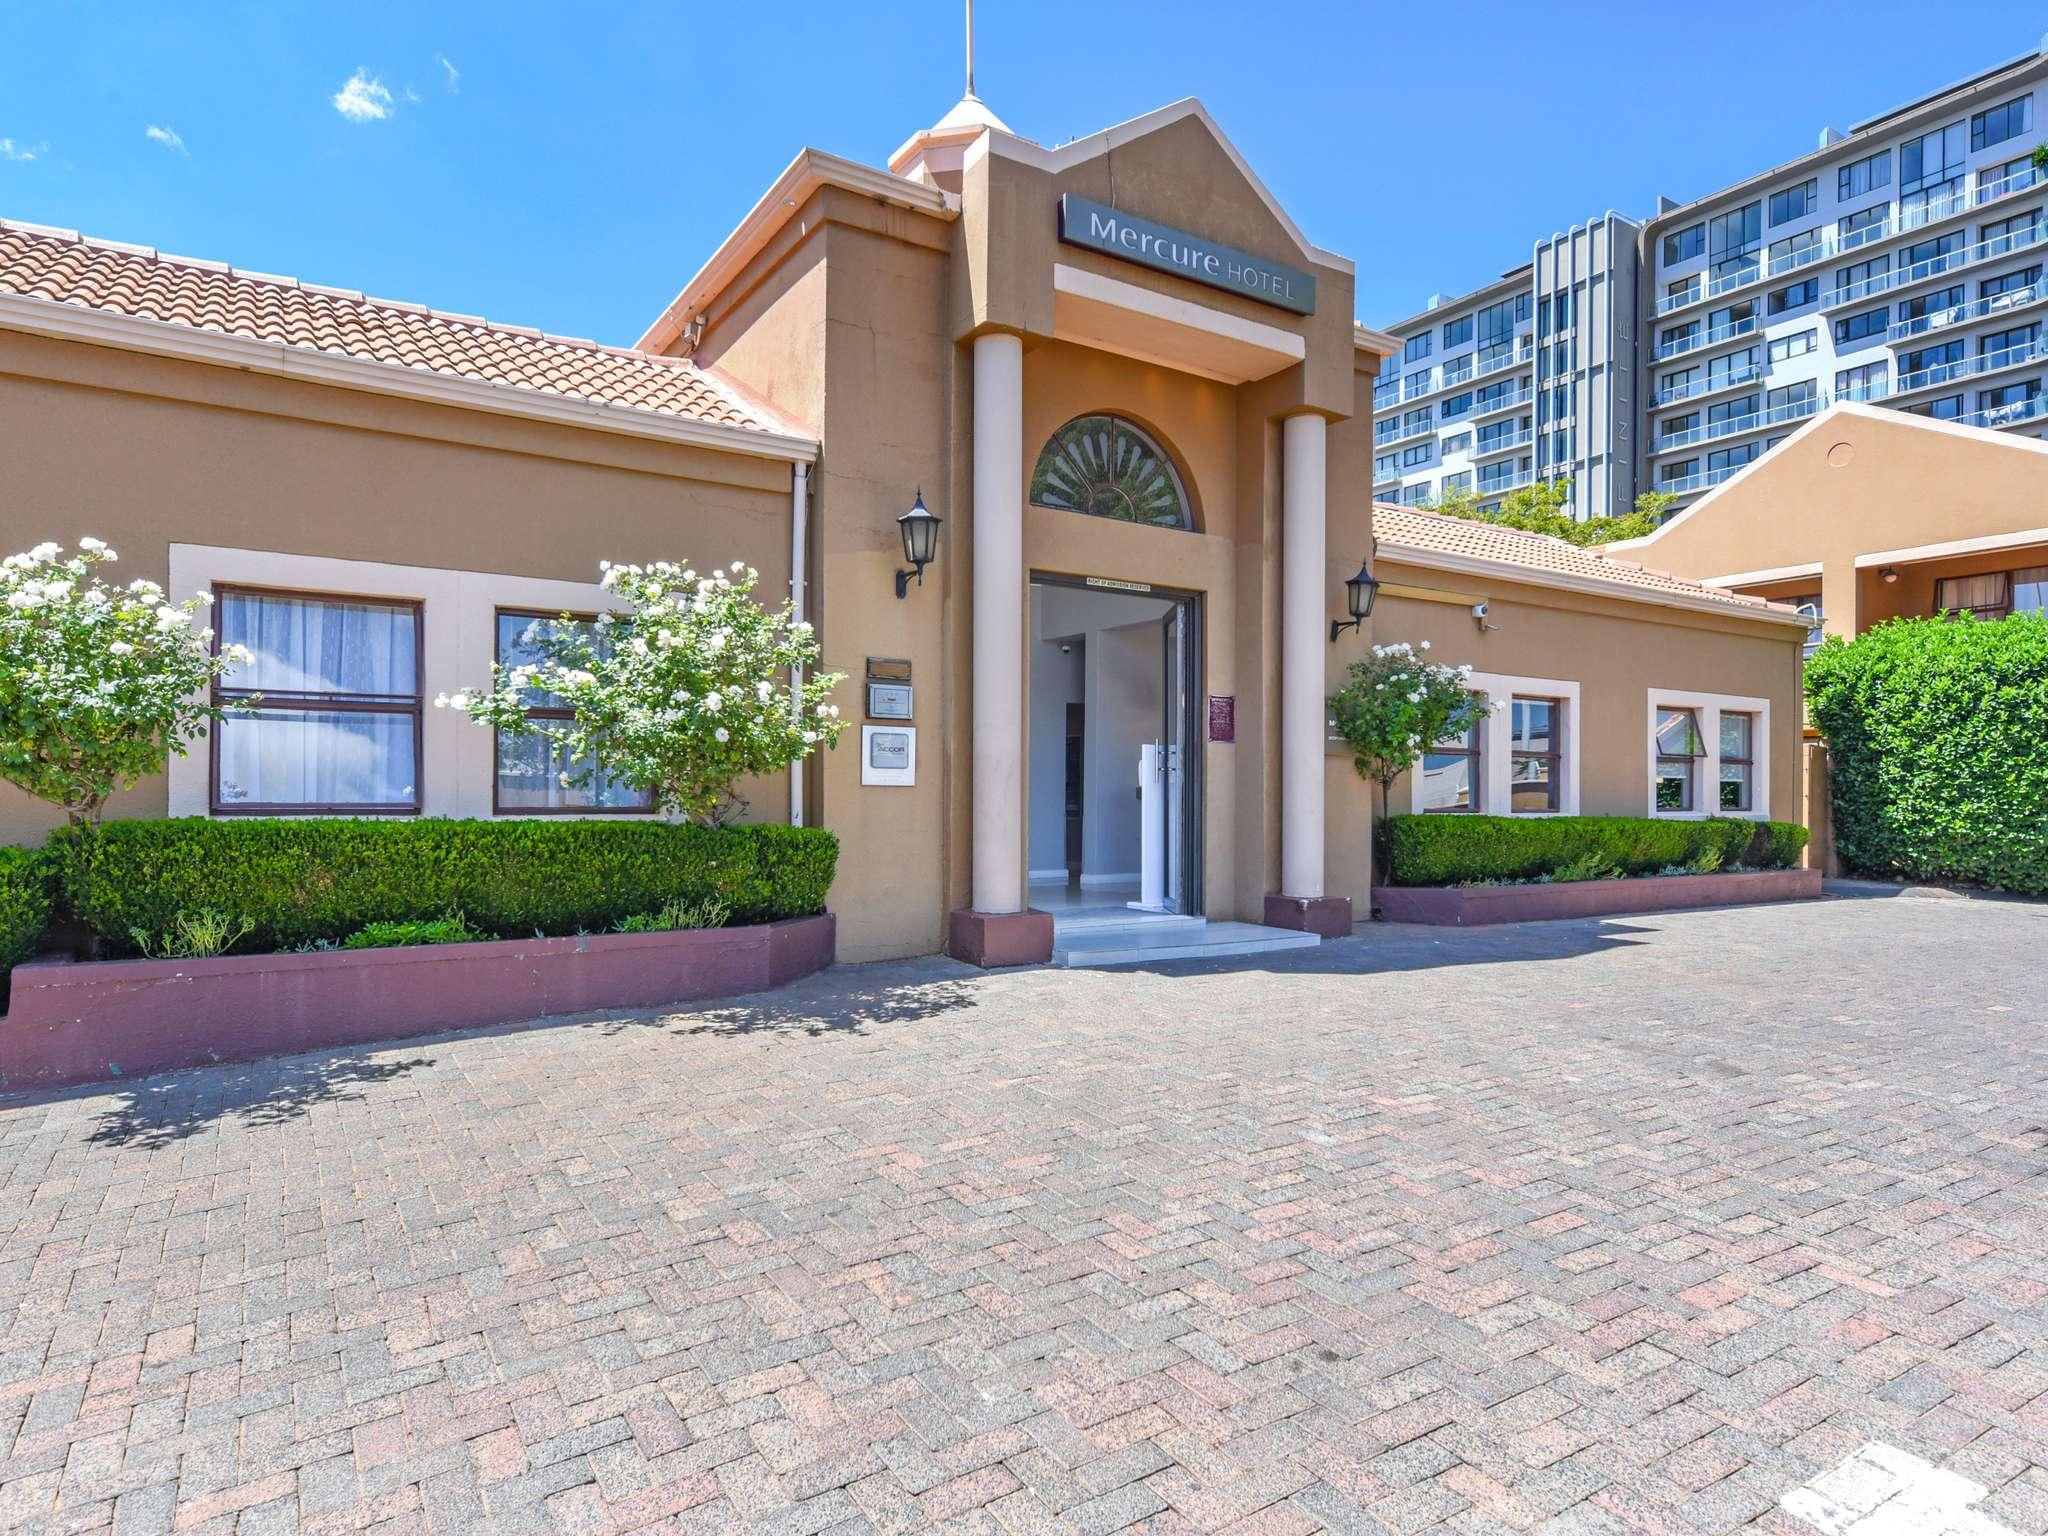 酒店 – 约翰内斯堡杰米斯顿美居酒店